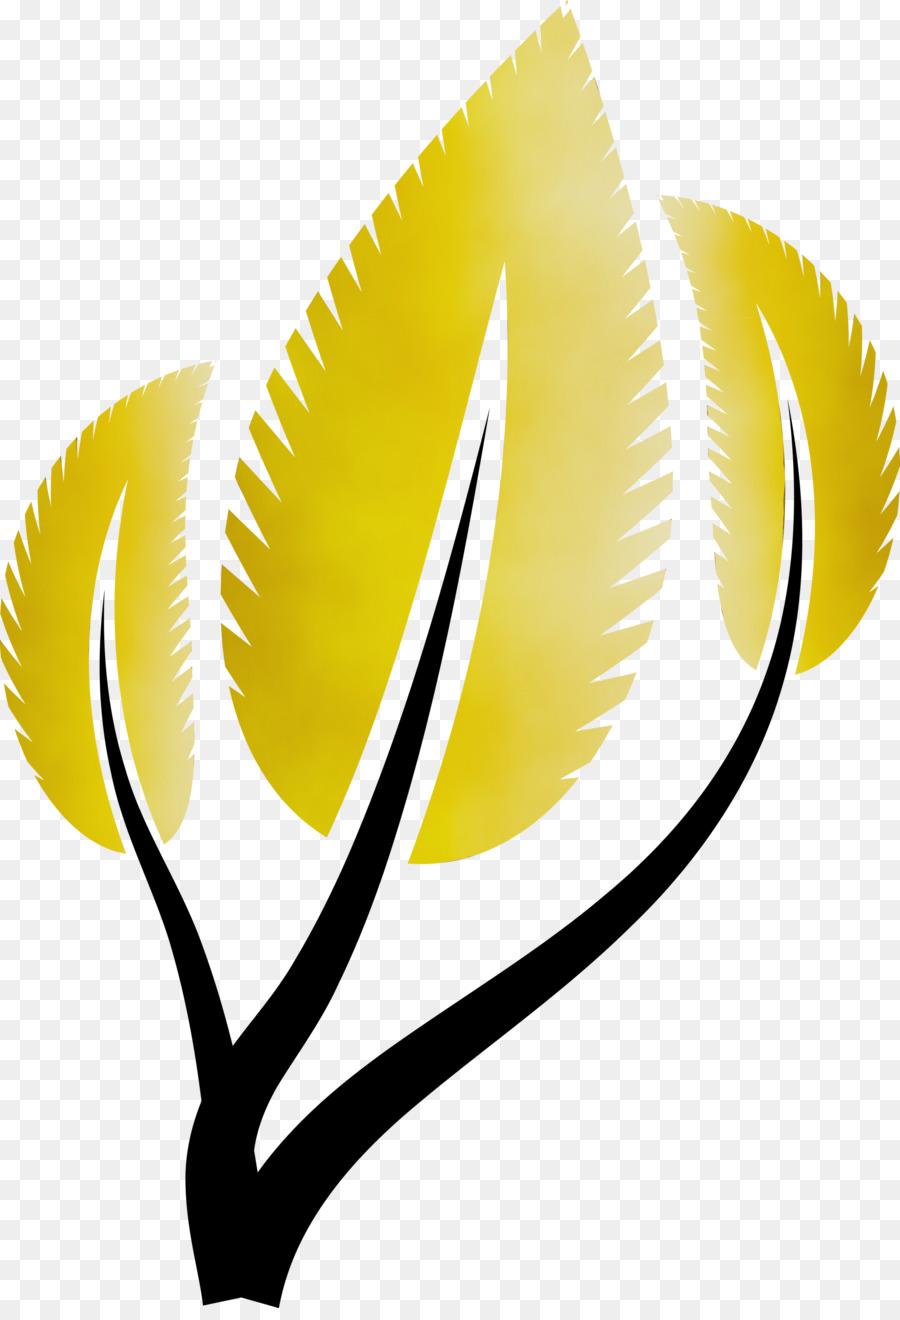 Descarga gratuita de Limonada, Té Verde, Azúcar Imágen de Png